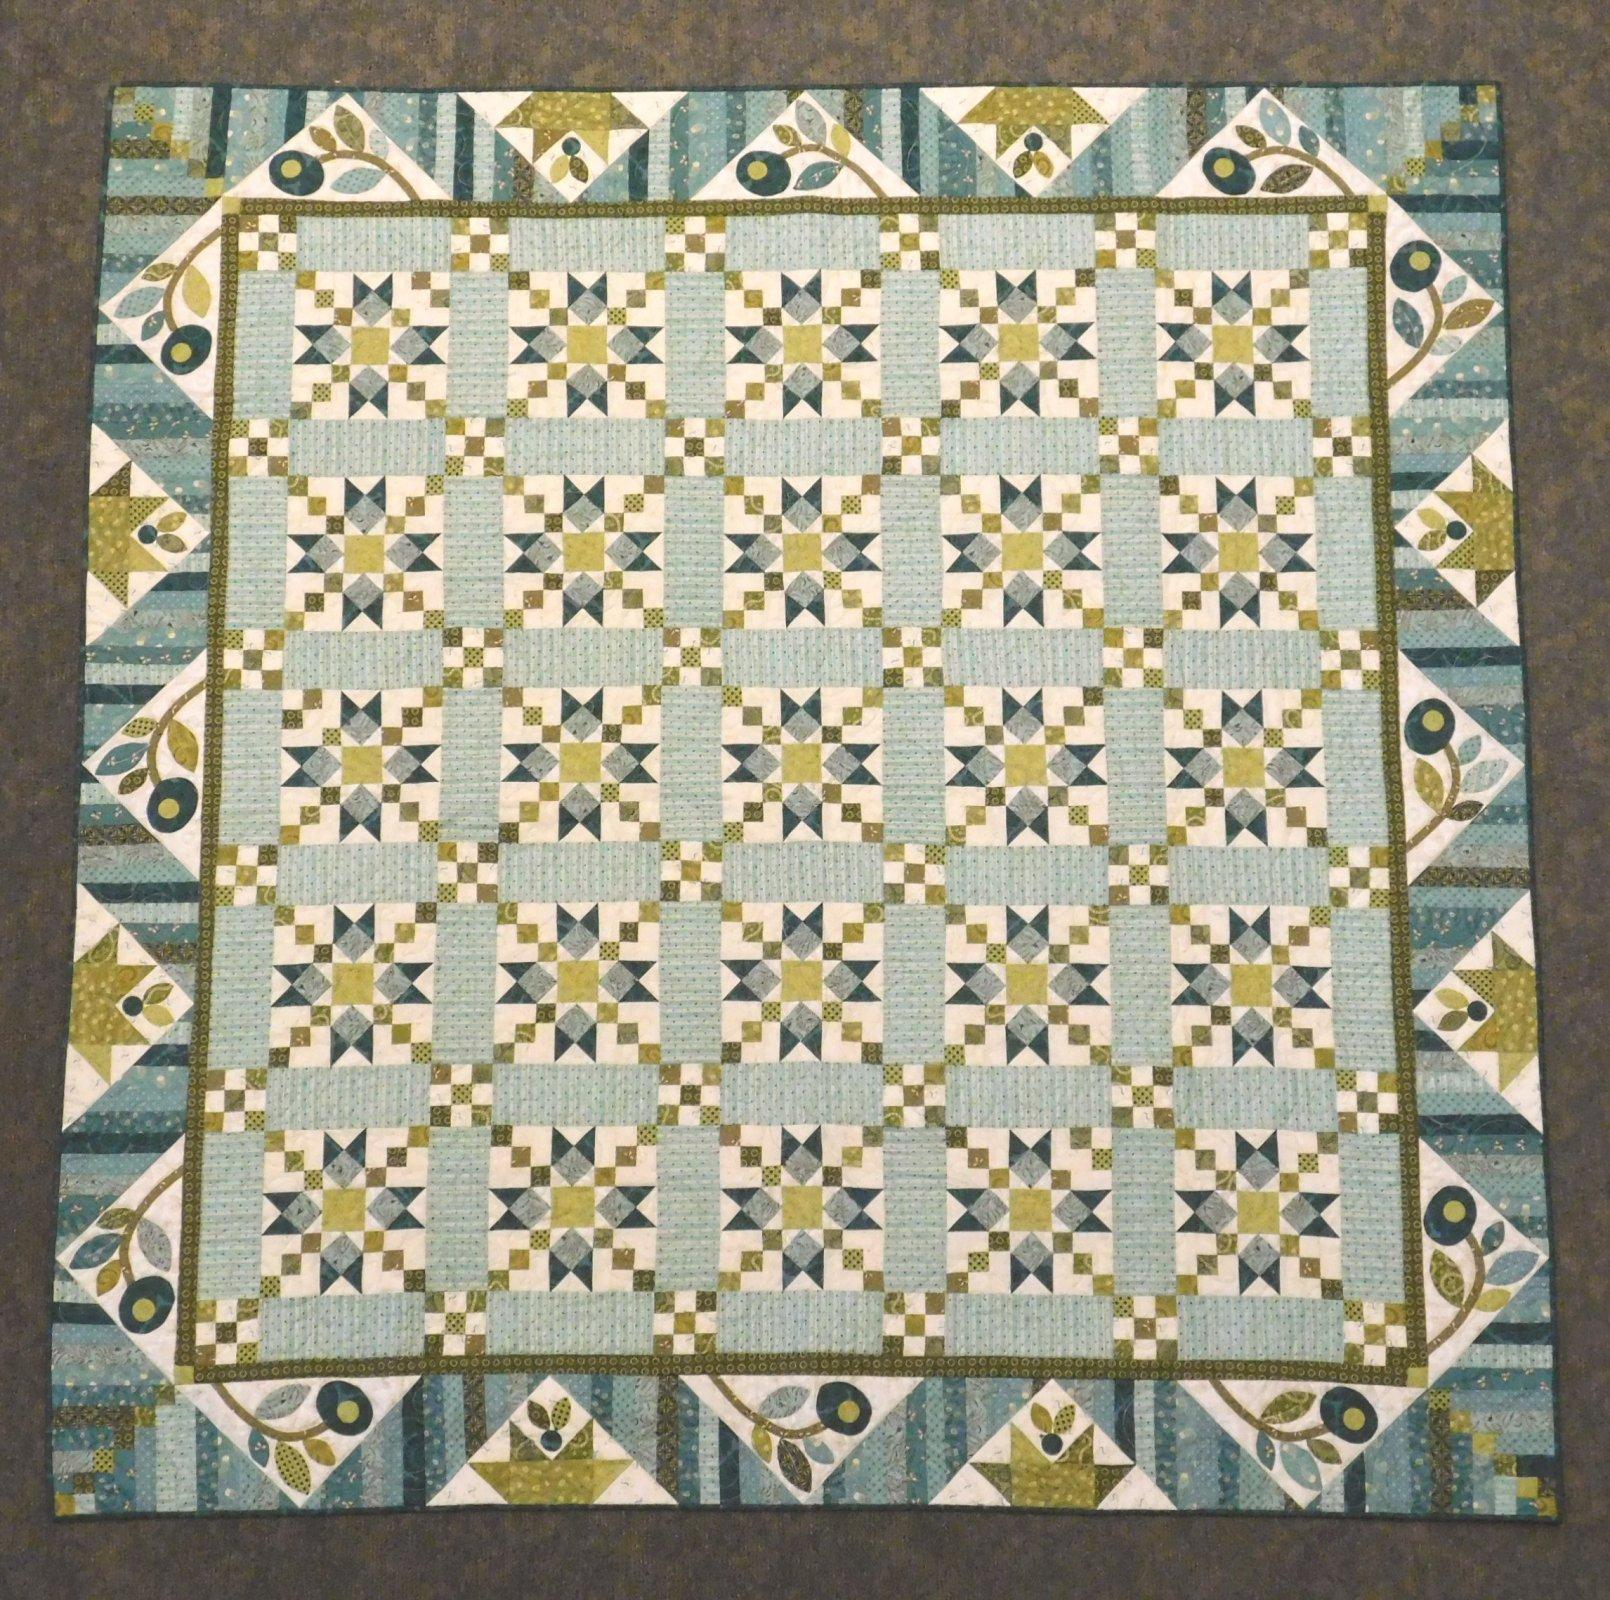 Star Chain by Kim Diehl - Quilt Kit - 72 1/2 x 72 1/2